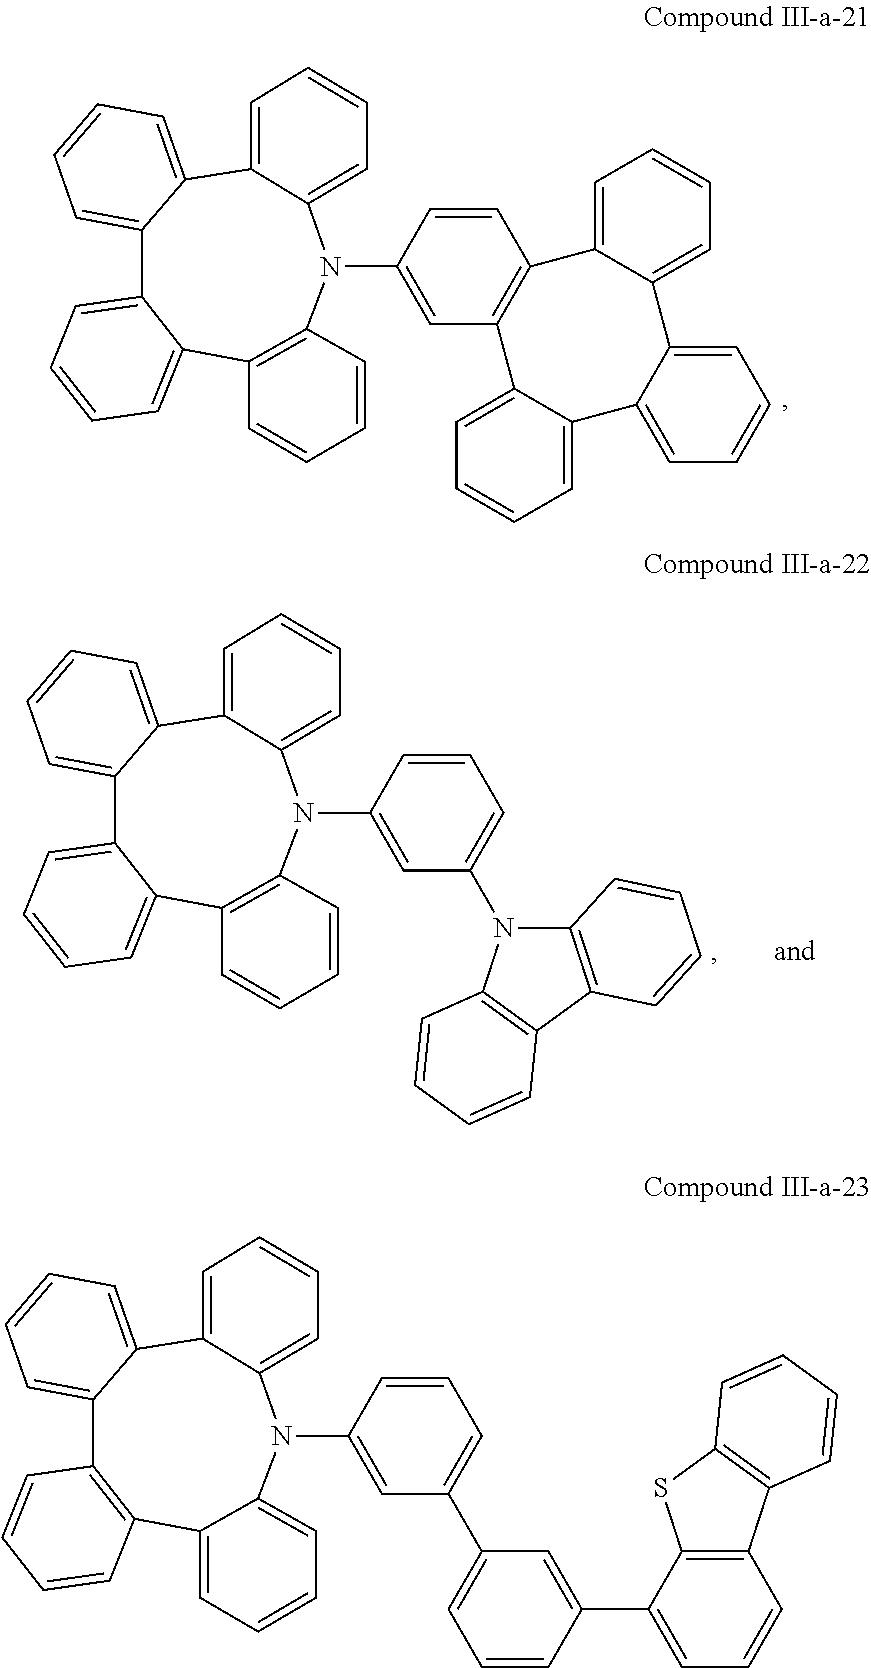 Figure US09978956-20180522-C00013